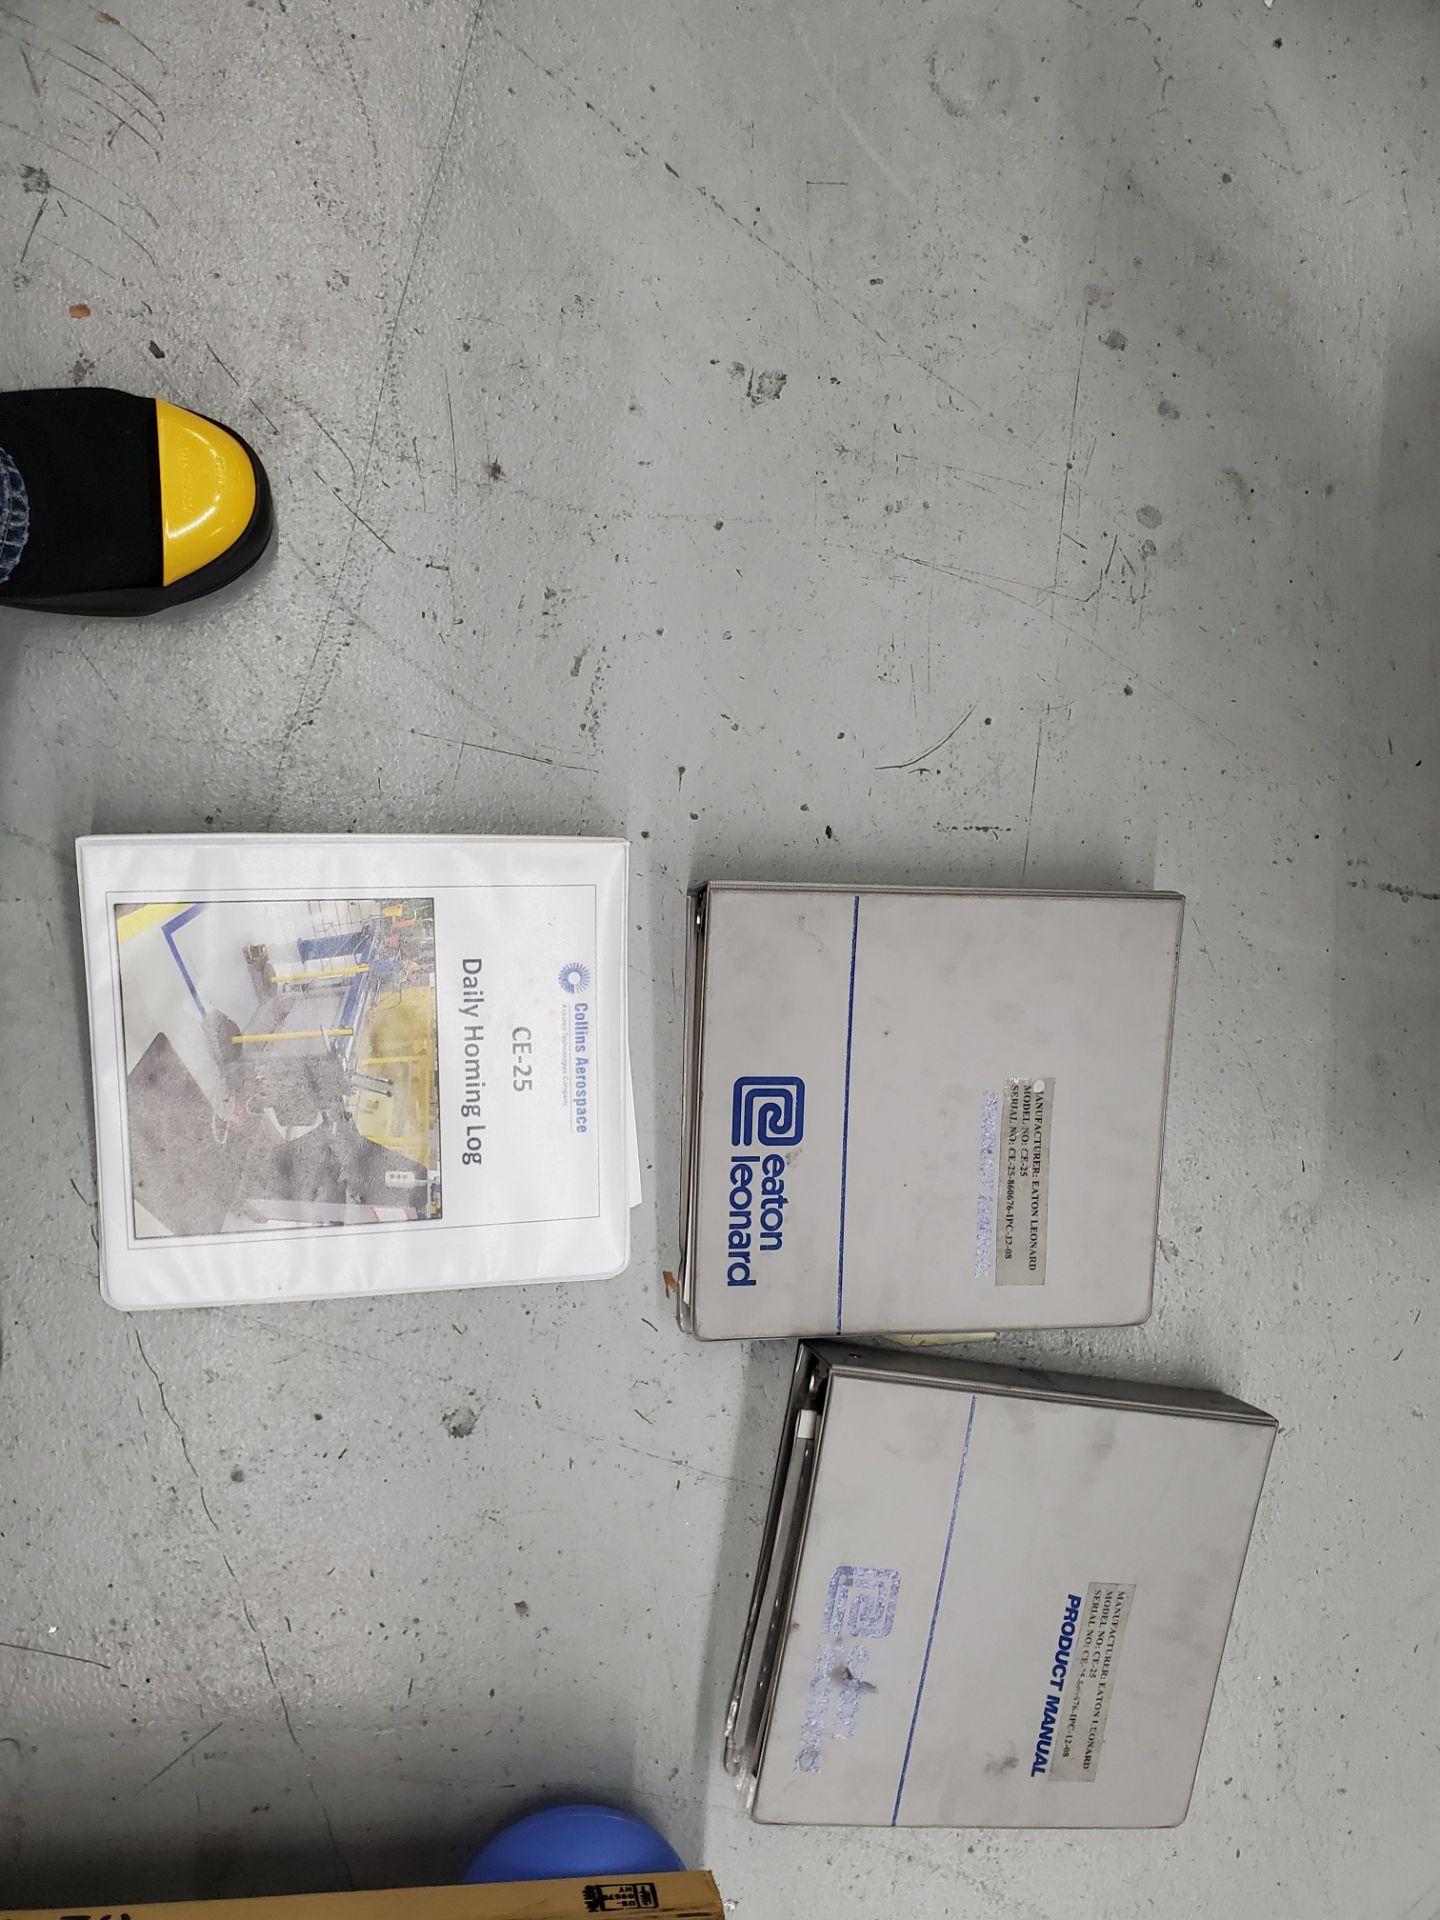 CNC Eaton Leonard Tube Bender Model VBCE25, S/N 25RH 8606761PC12/08, New 2008 - Image 18 of 18